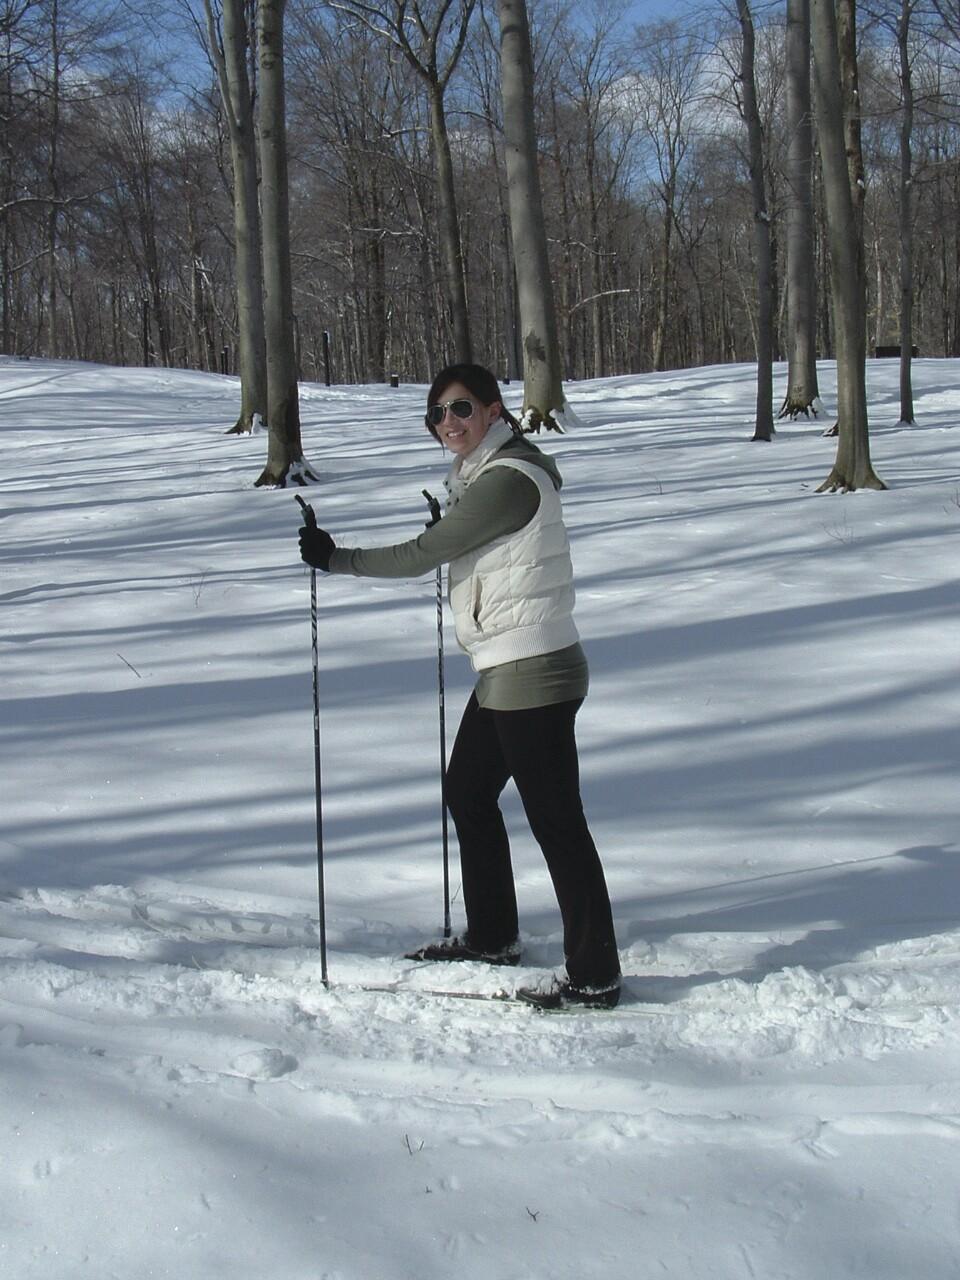 jacki skiing cmyk.jpg